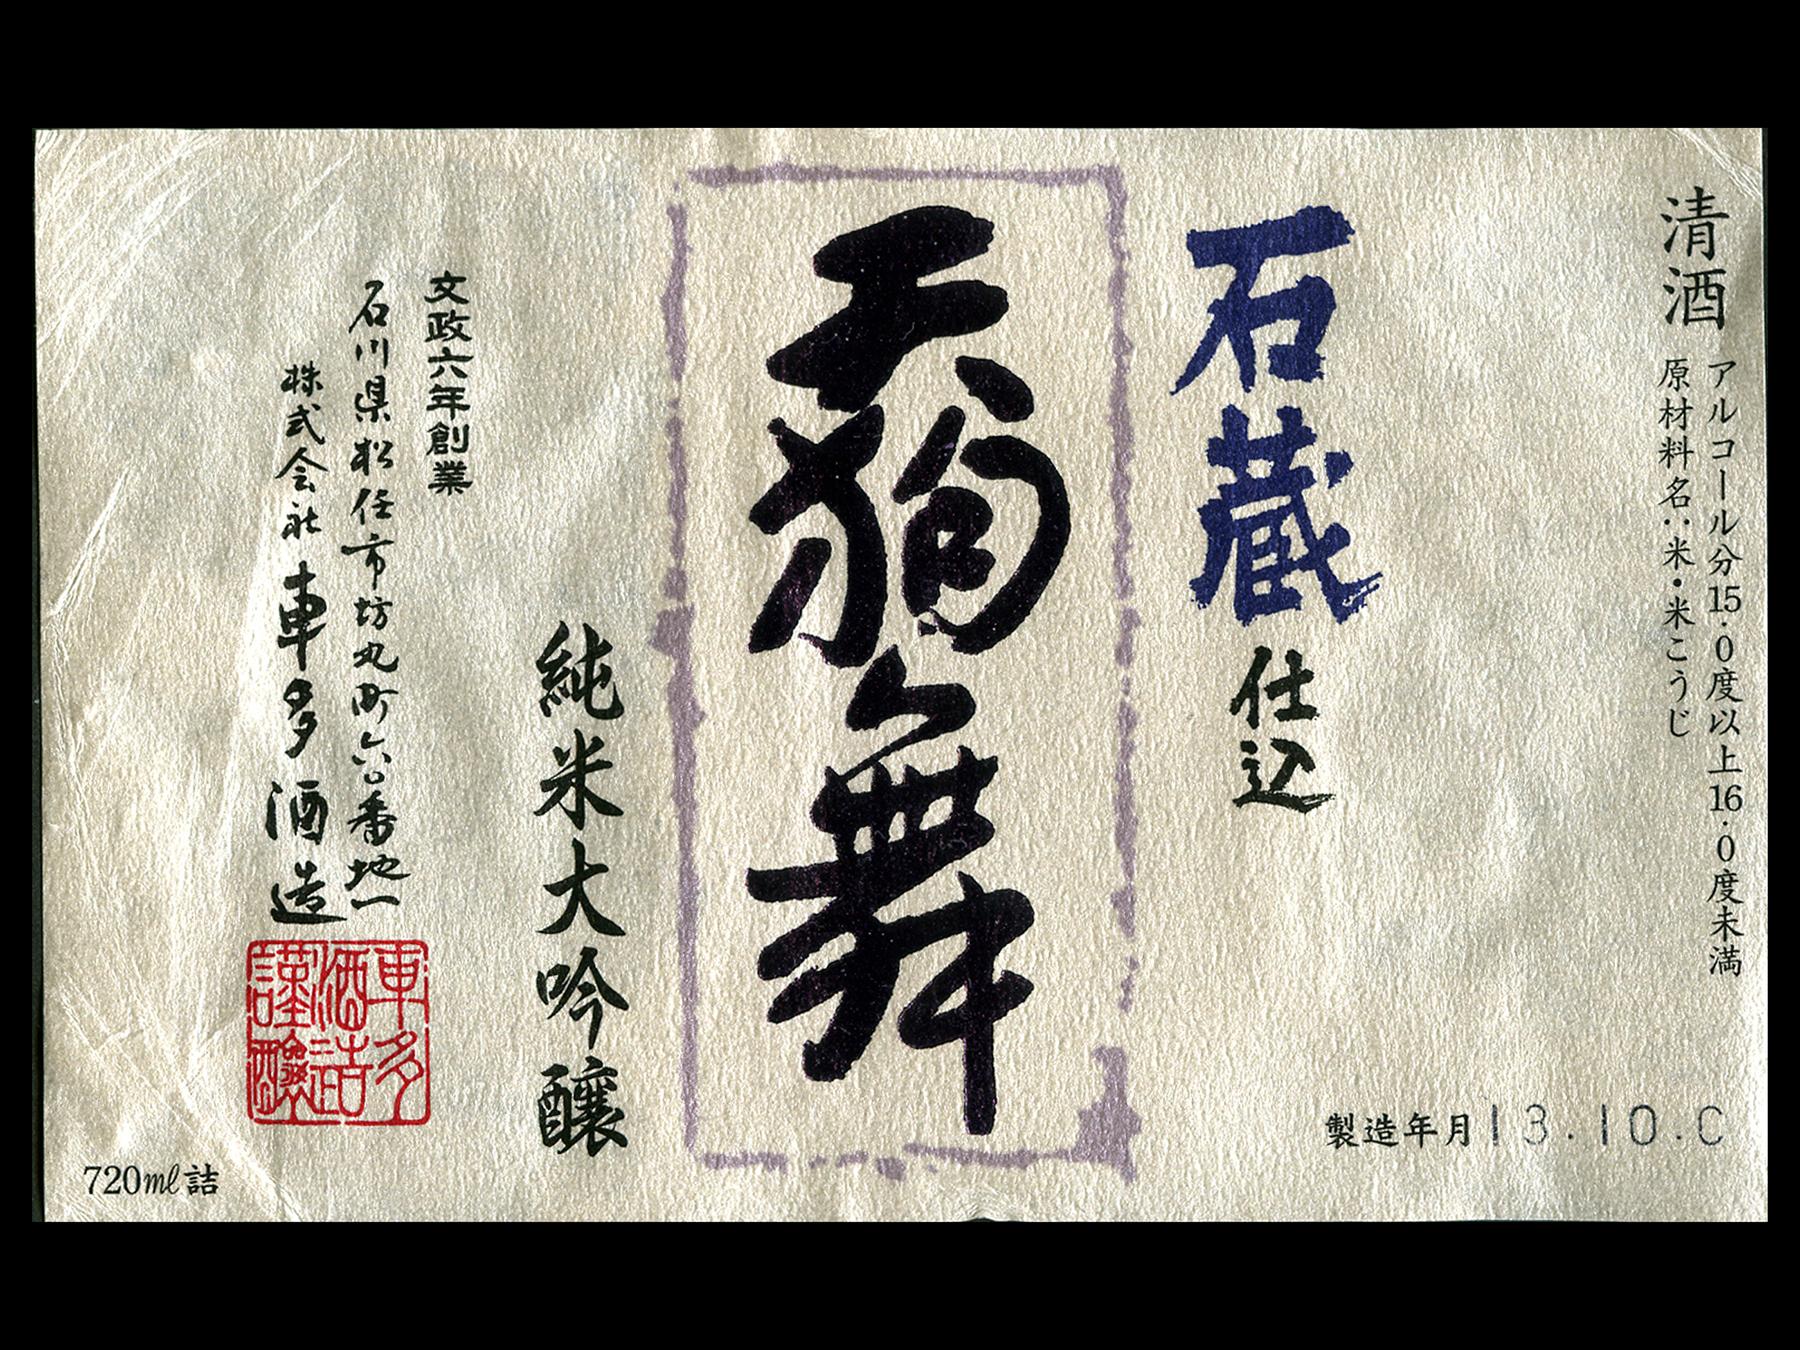 天狗舞(てんぐまい)「純米大吟醸」石蔵仕込みラベル